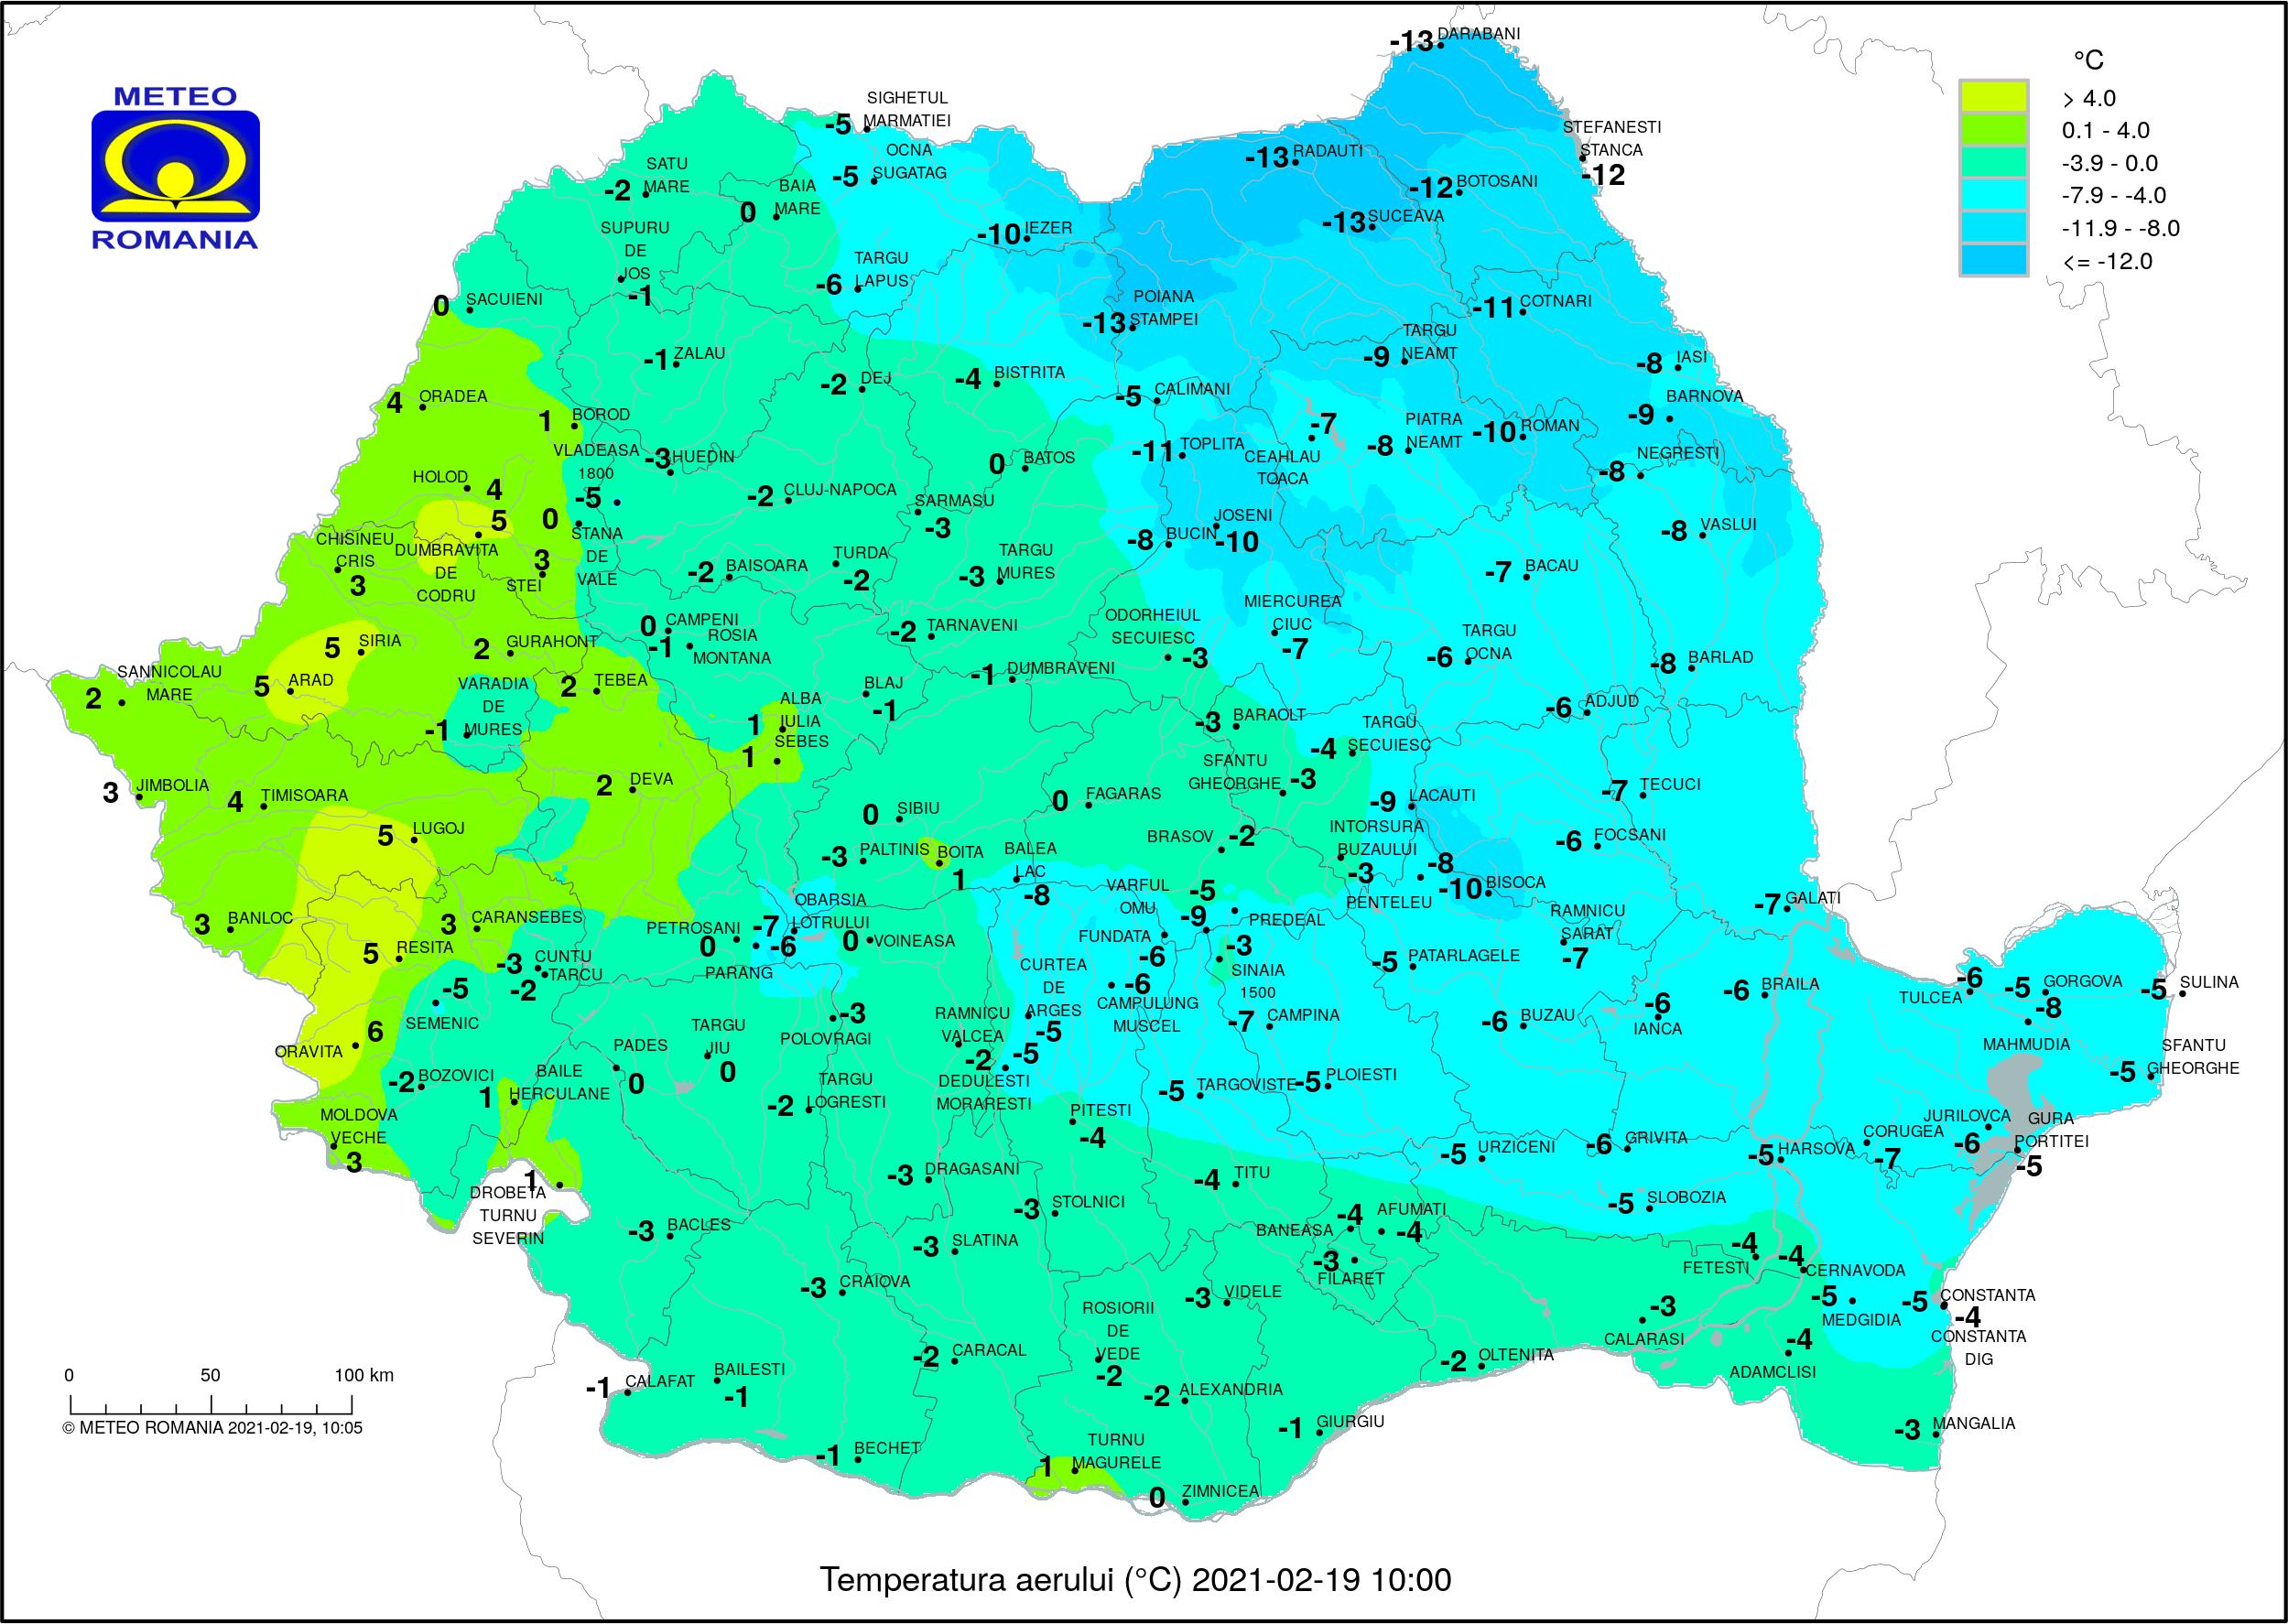 Temperaturile dimineții în România (ora 10) Temperaturi resimțite